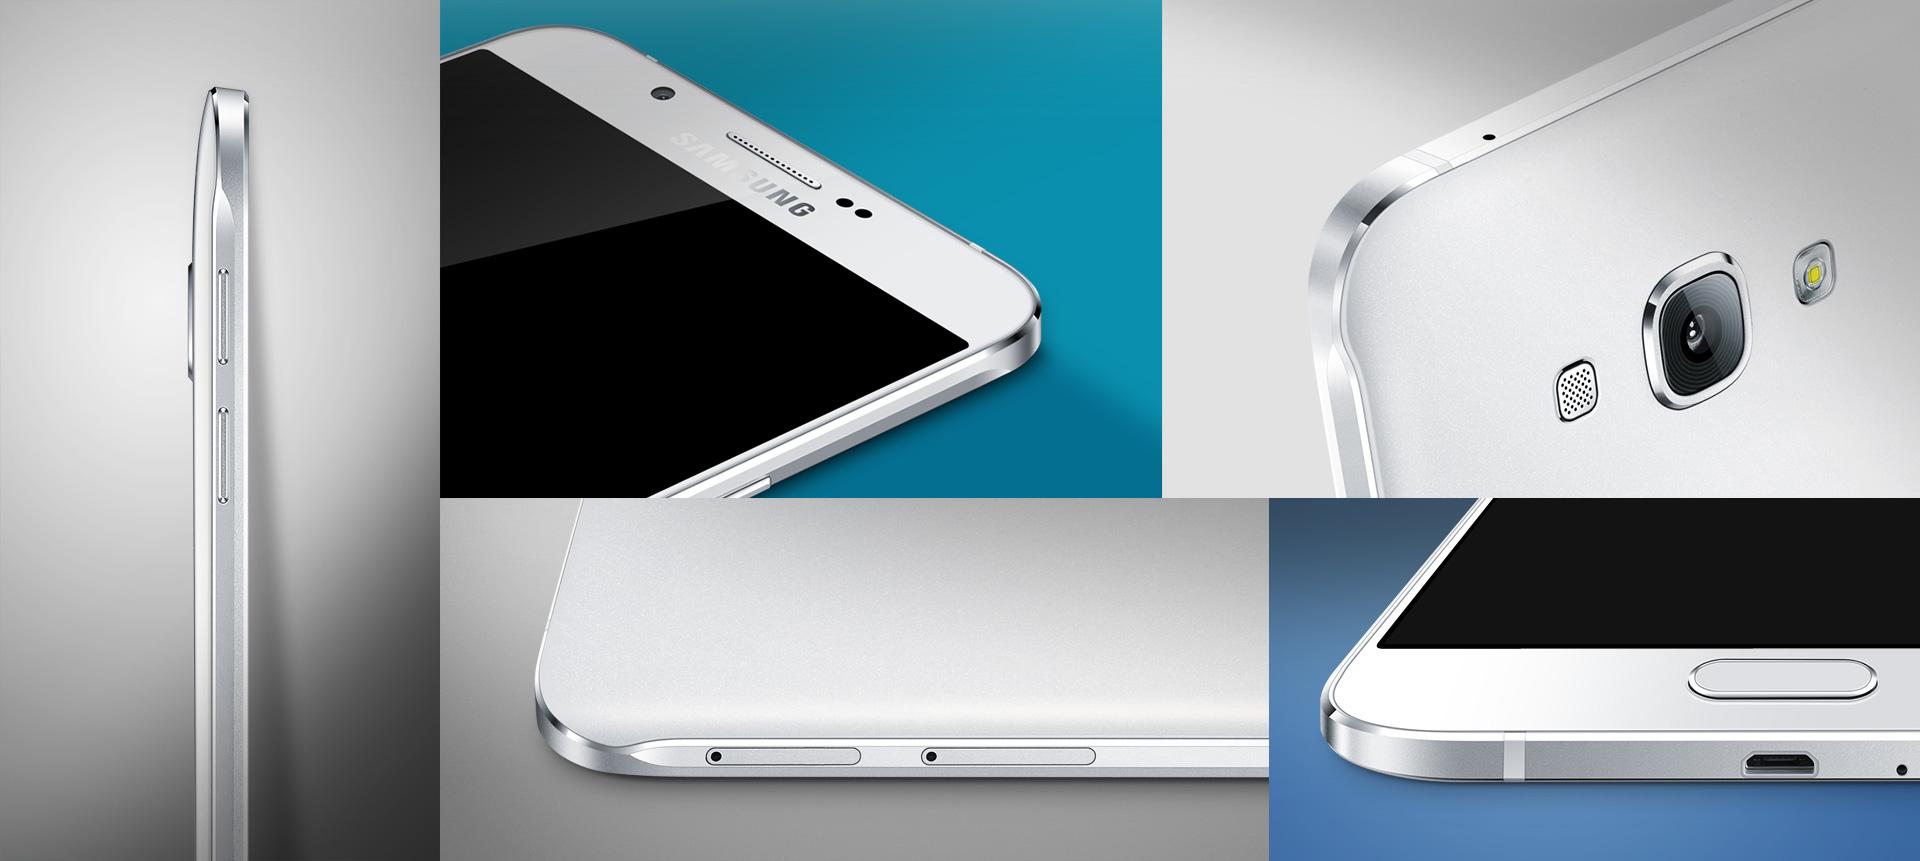 Samsung au travail sur un GalaxyA9, un smartphone de milieu de gamme prometteur